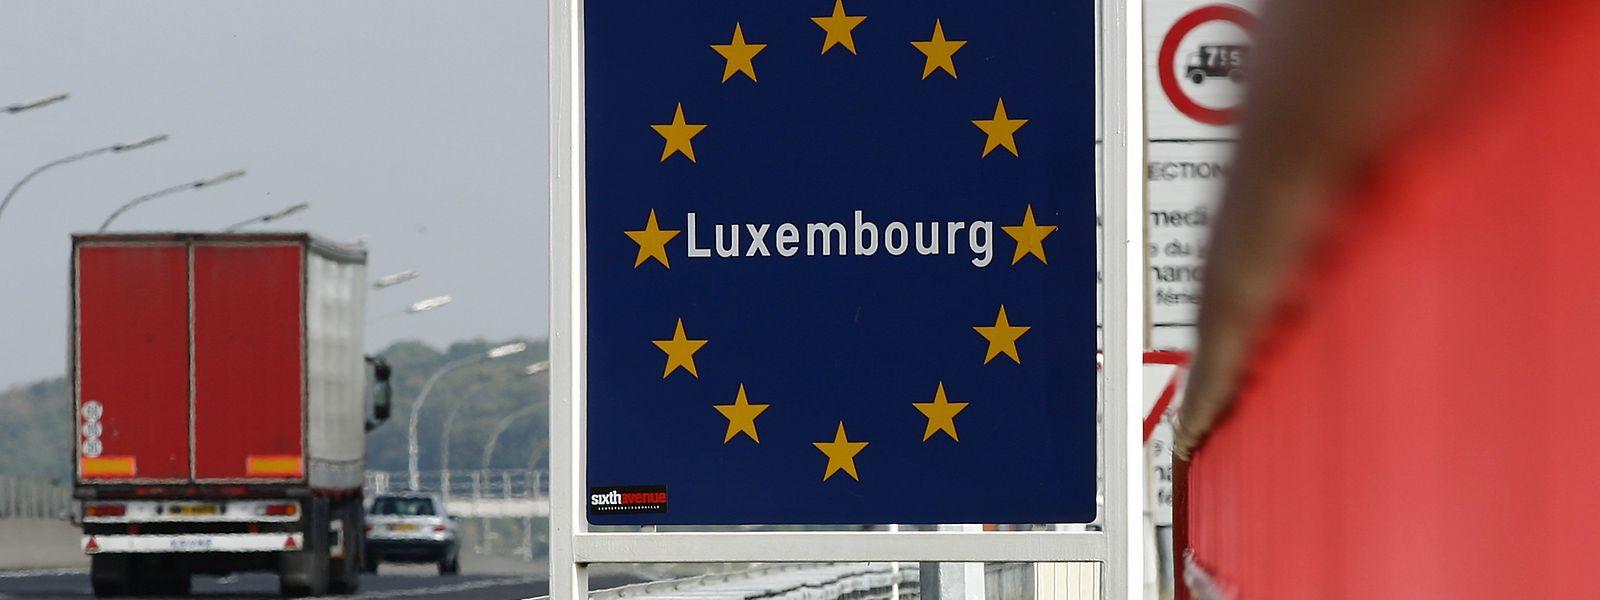 Die Forderung an Luxemburg nach einer finanziellen Unterstützung wegen der vielen Grenzgänger ist nicht neu.